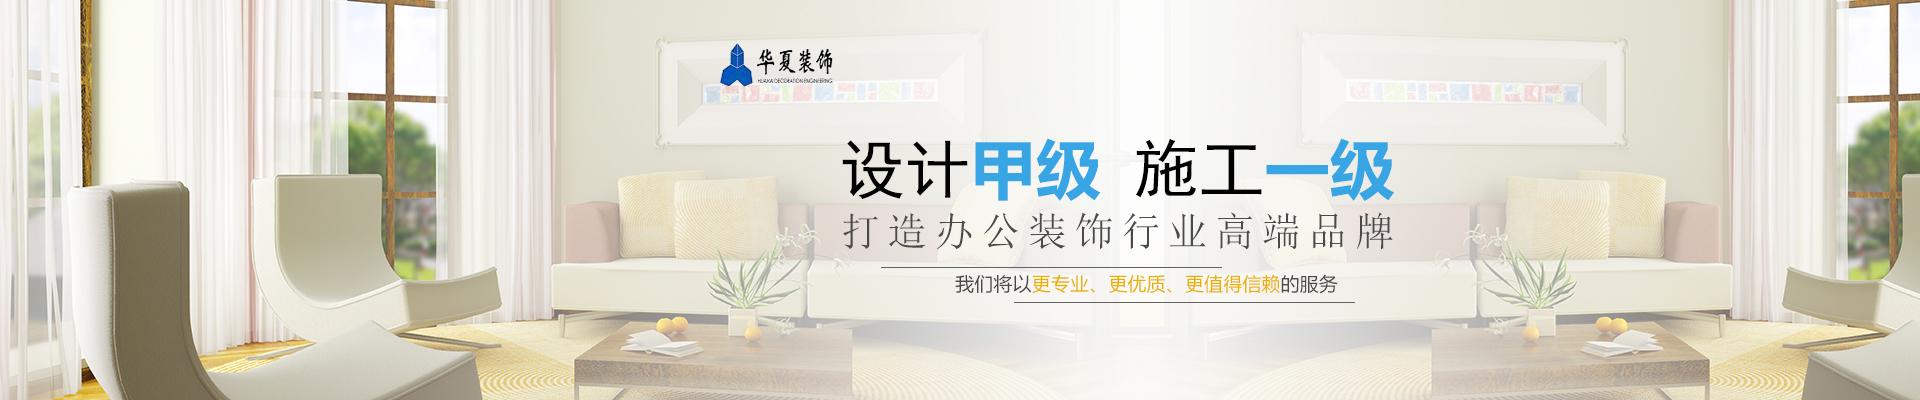 深圳华夏装饰